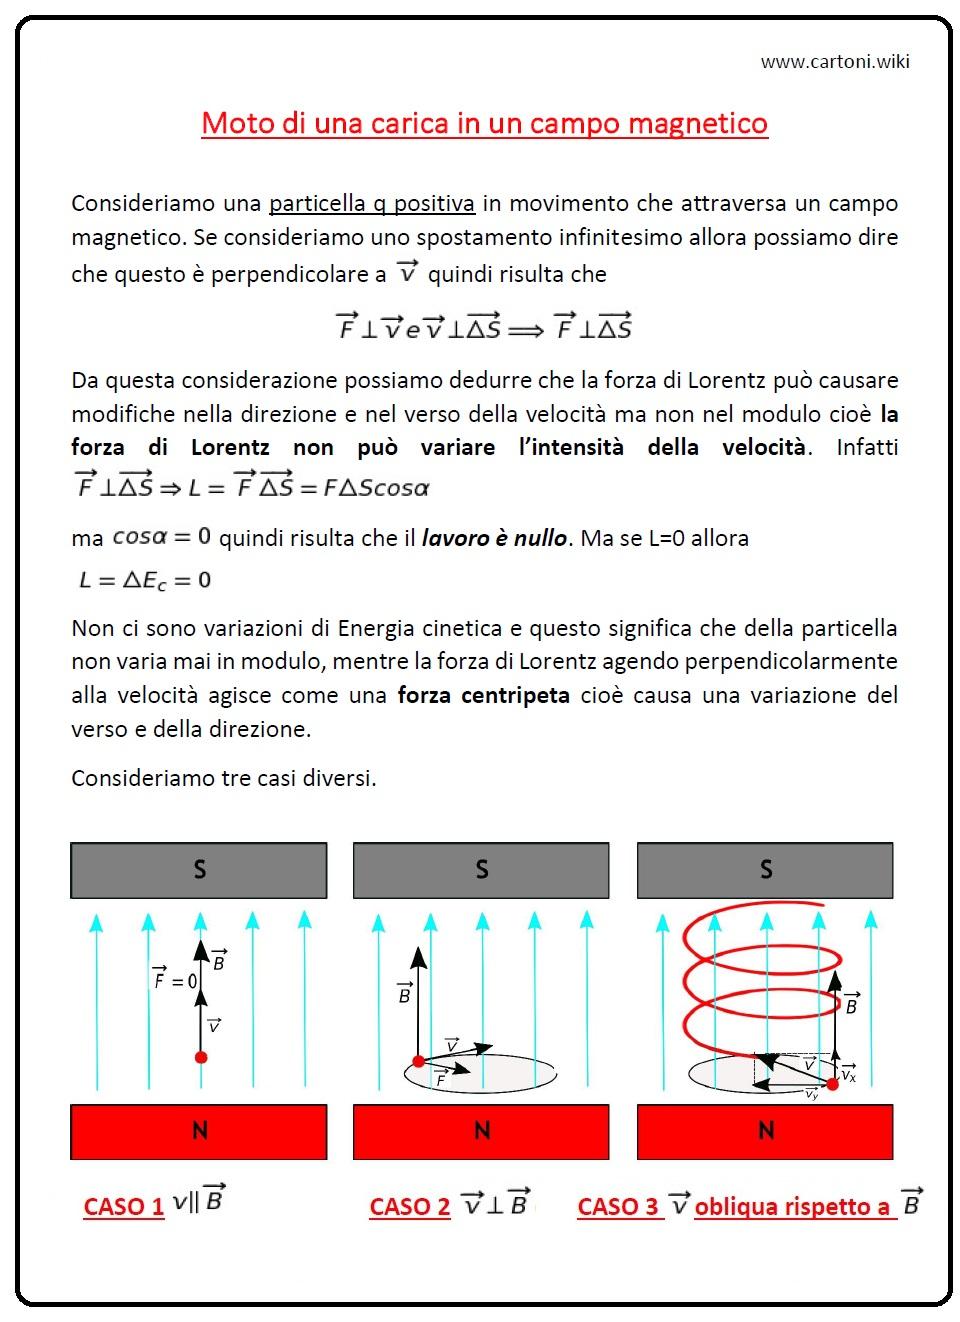 Moto di una carica in un campo magnetico - Cartoni animati